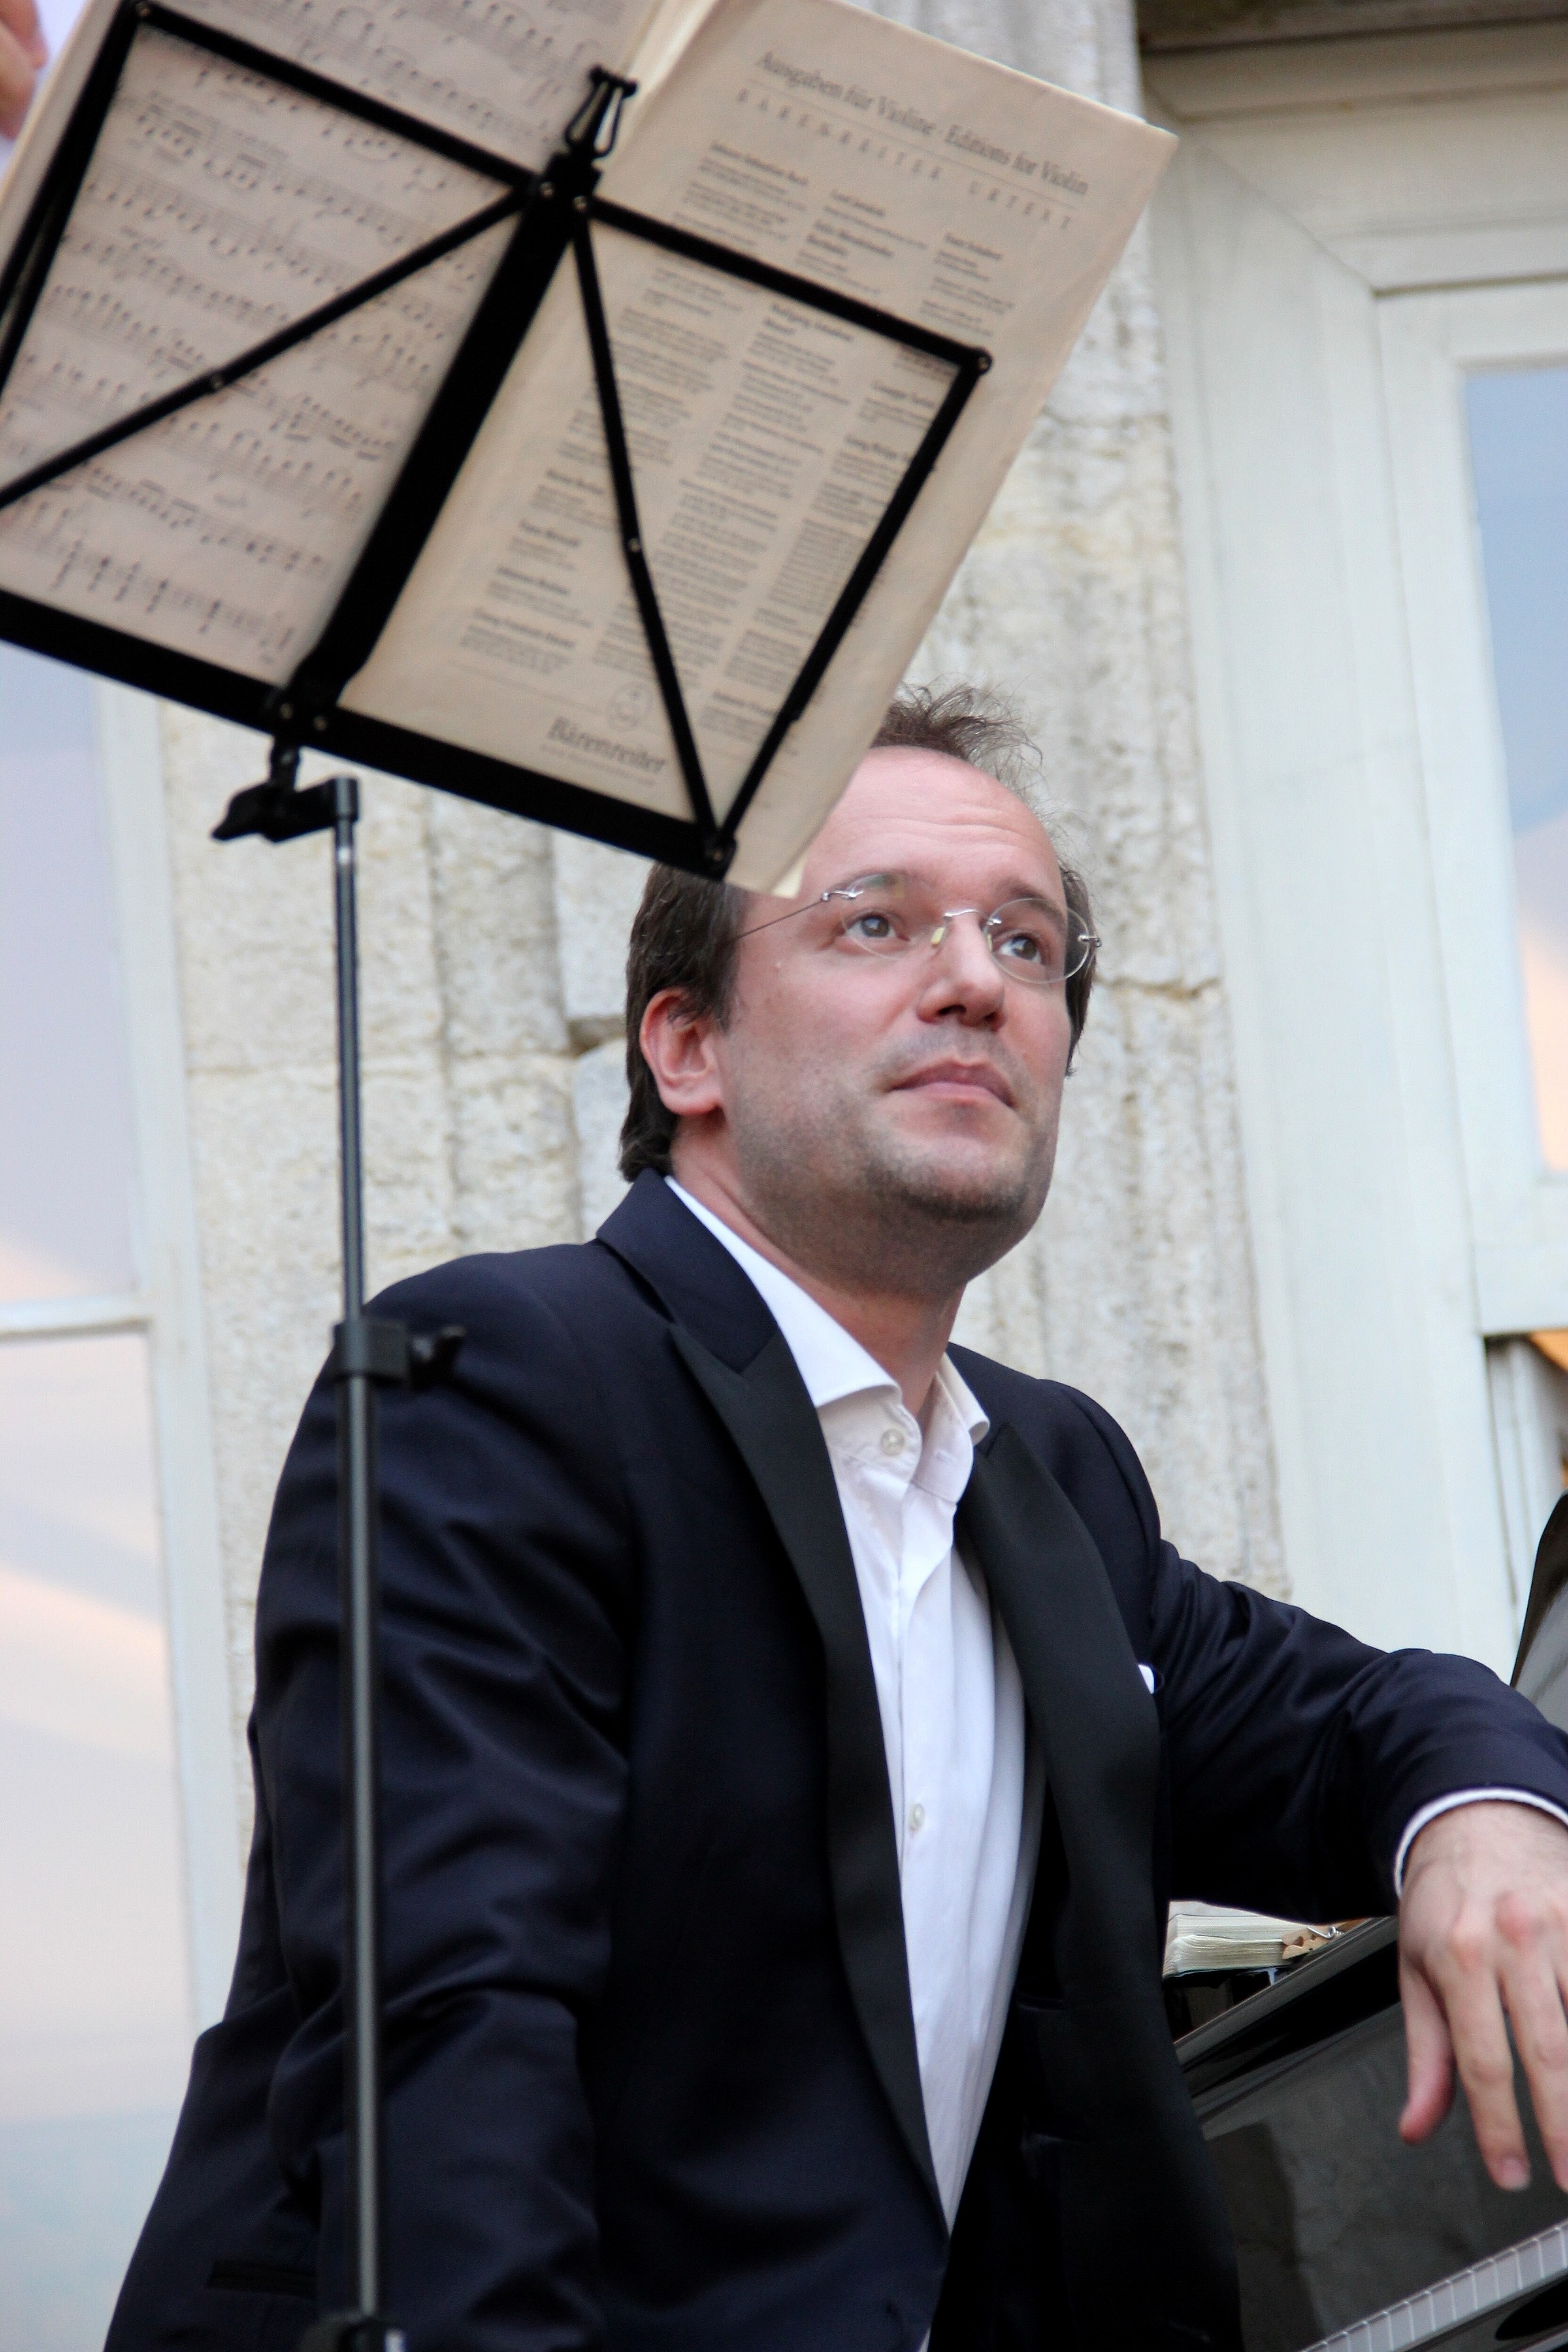 Boris de Larochelambert, du Trio Chausson, présentant une oeuvre